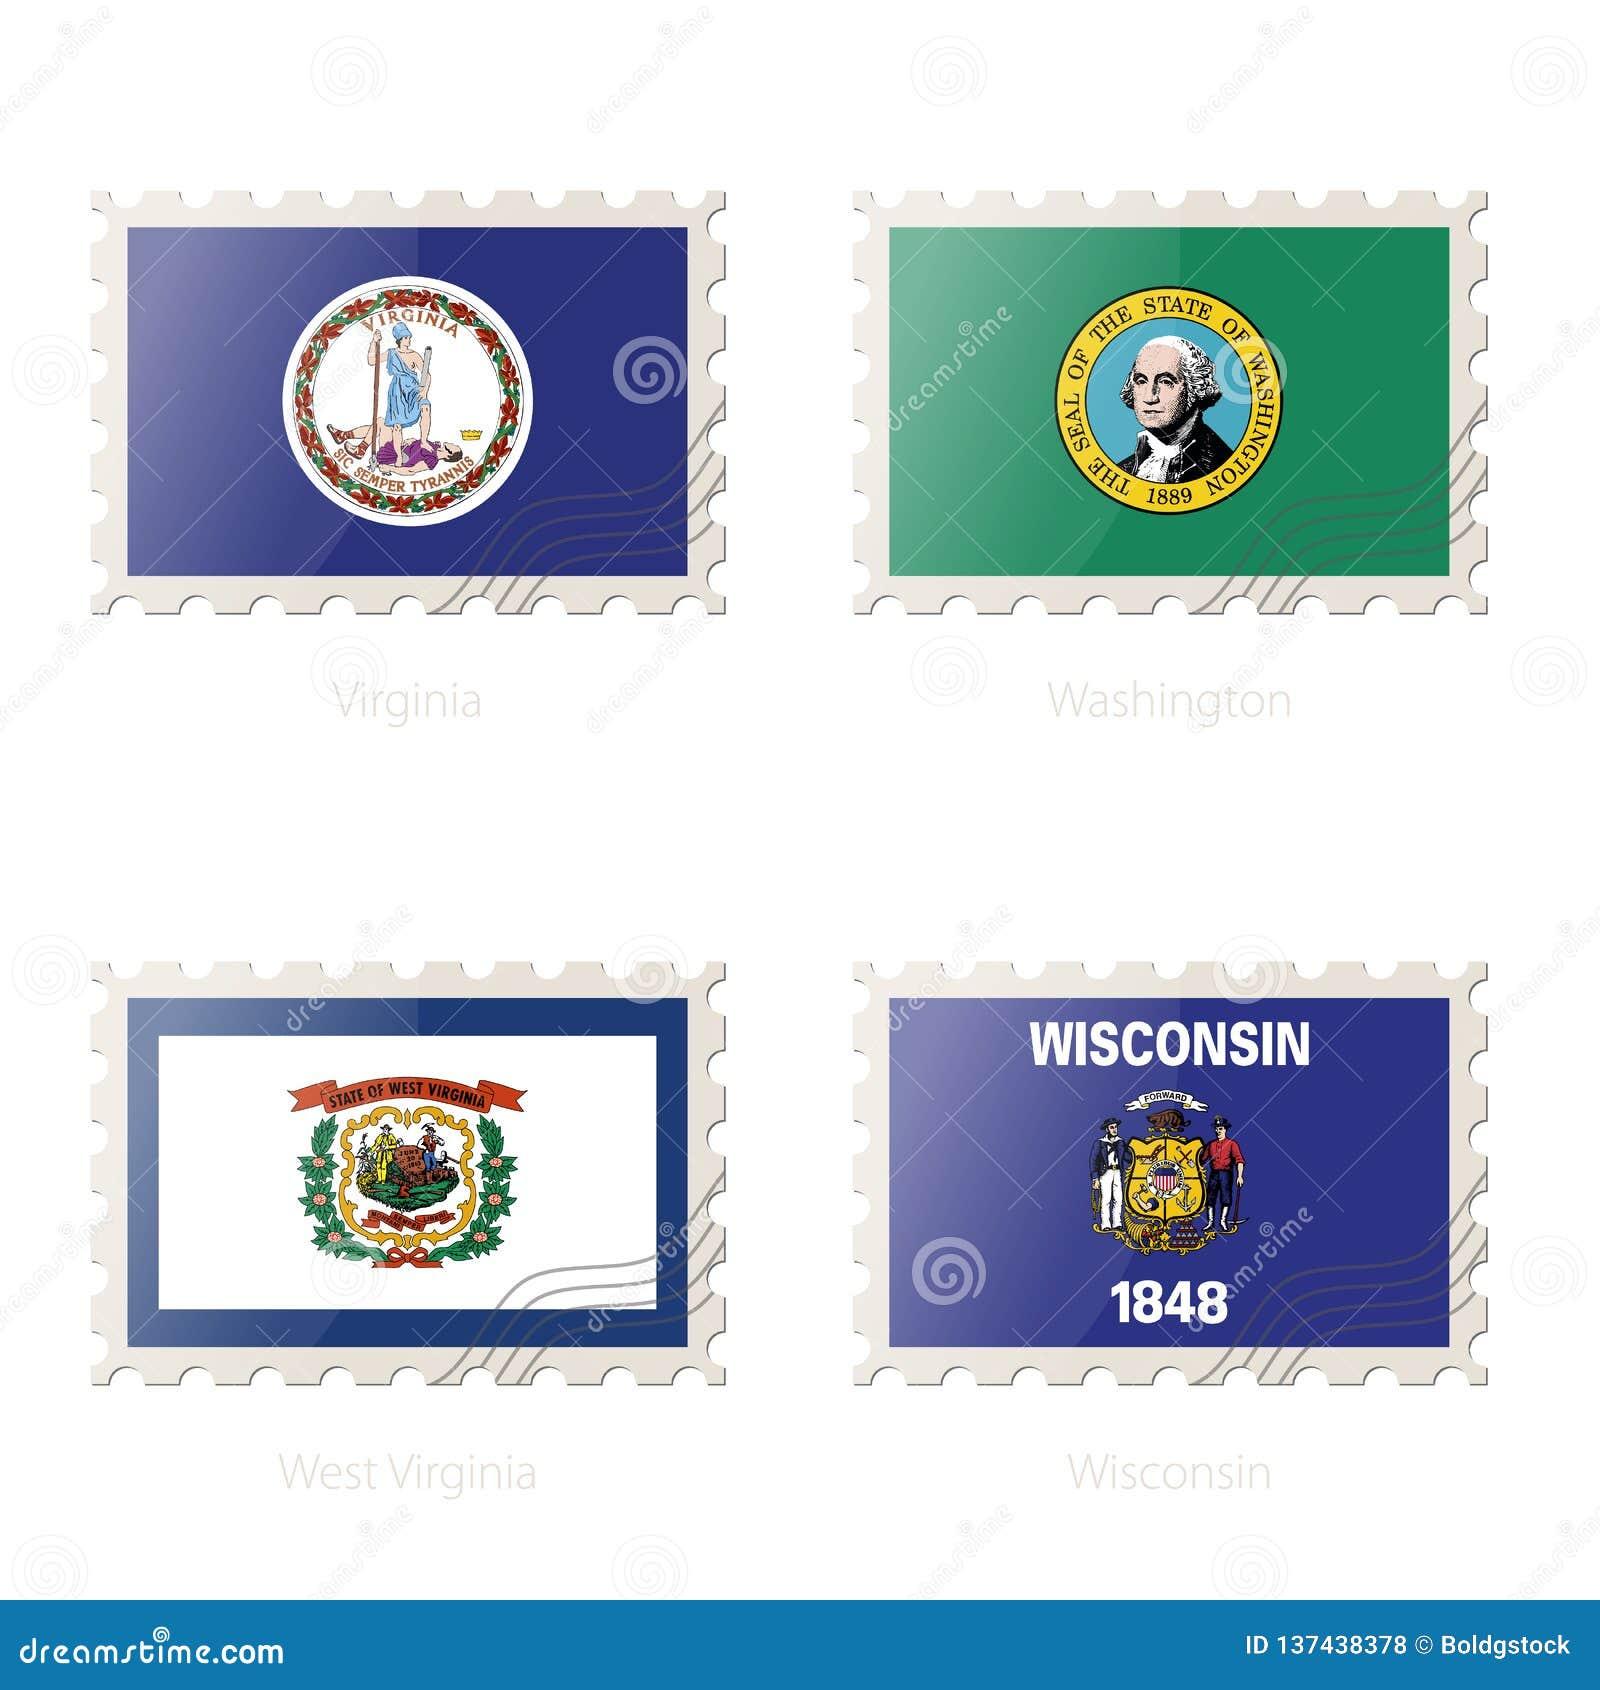 Znaczek pocztowy z wizerunkiem Virginia, Waszyngton, Zachodnia Virginia, Wisconsin stanu flaga